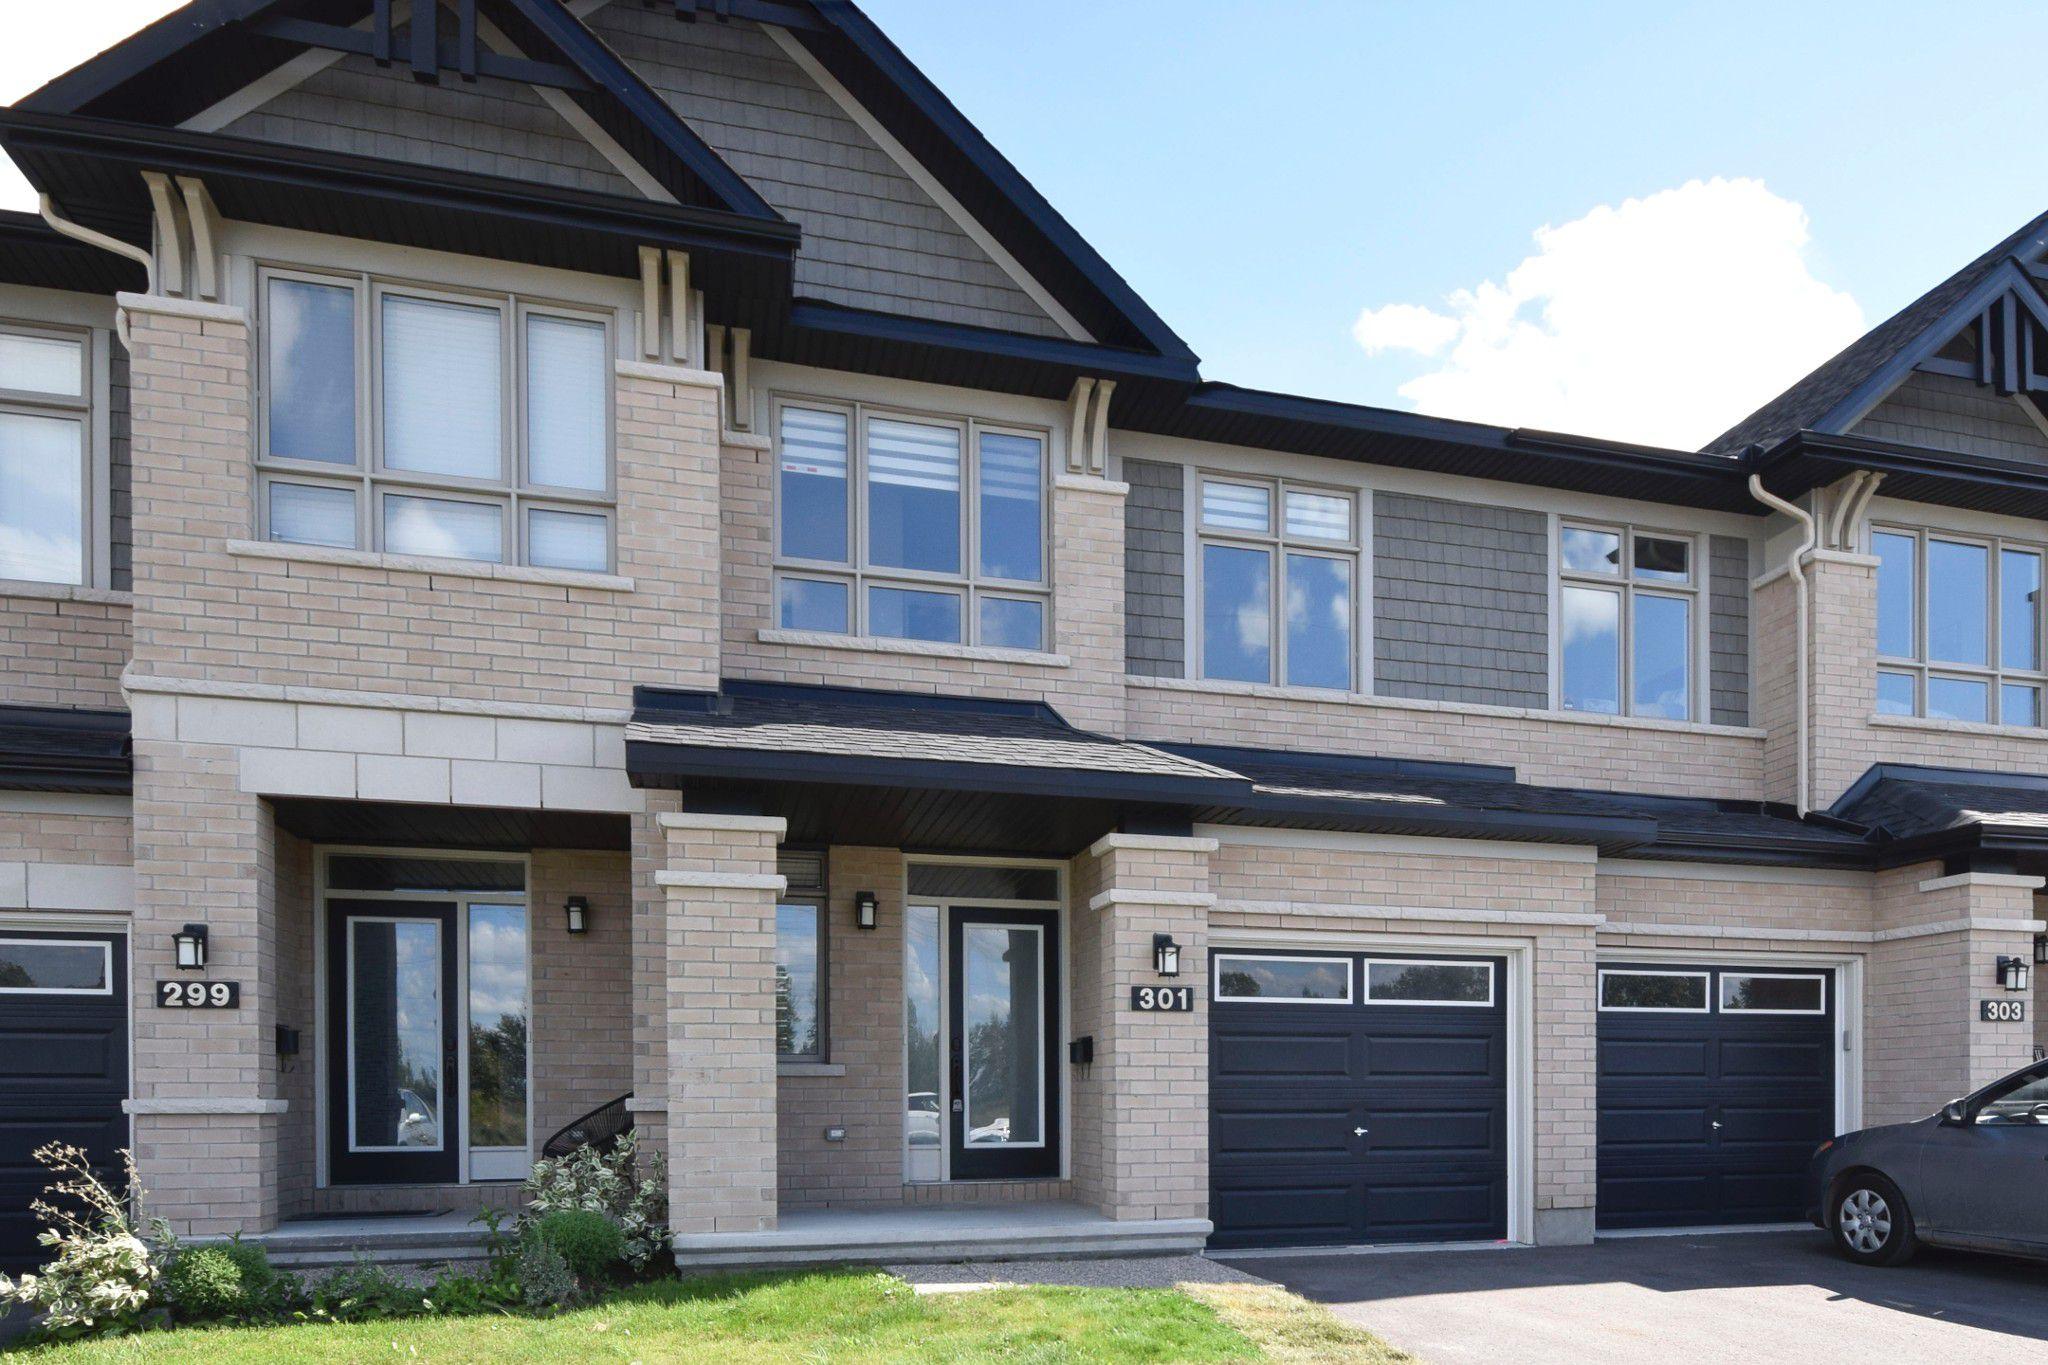 Photo 2: Photos: 301 Livery Street Stittsville Ottawa ON 255